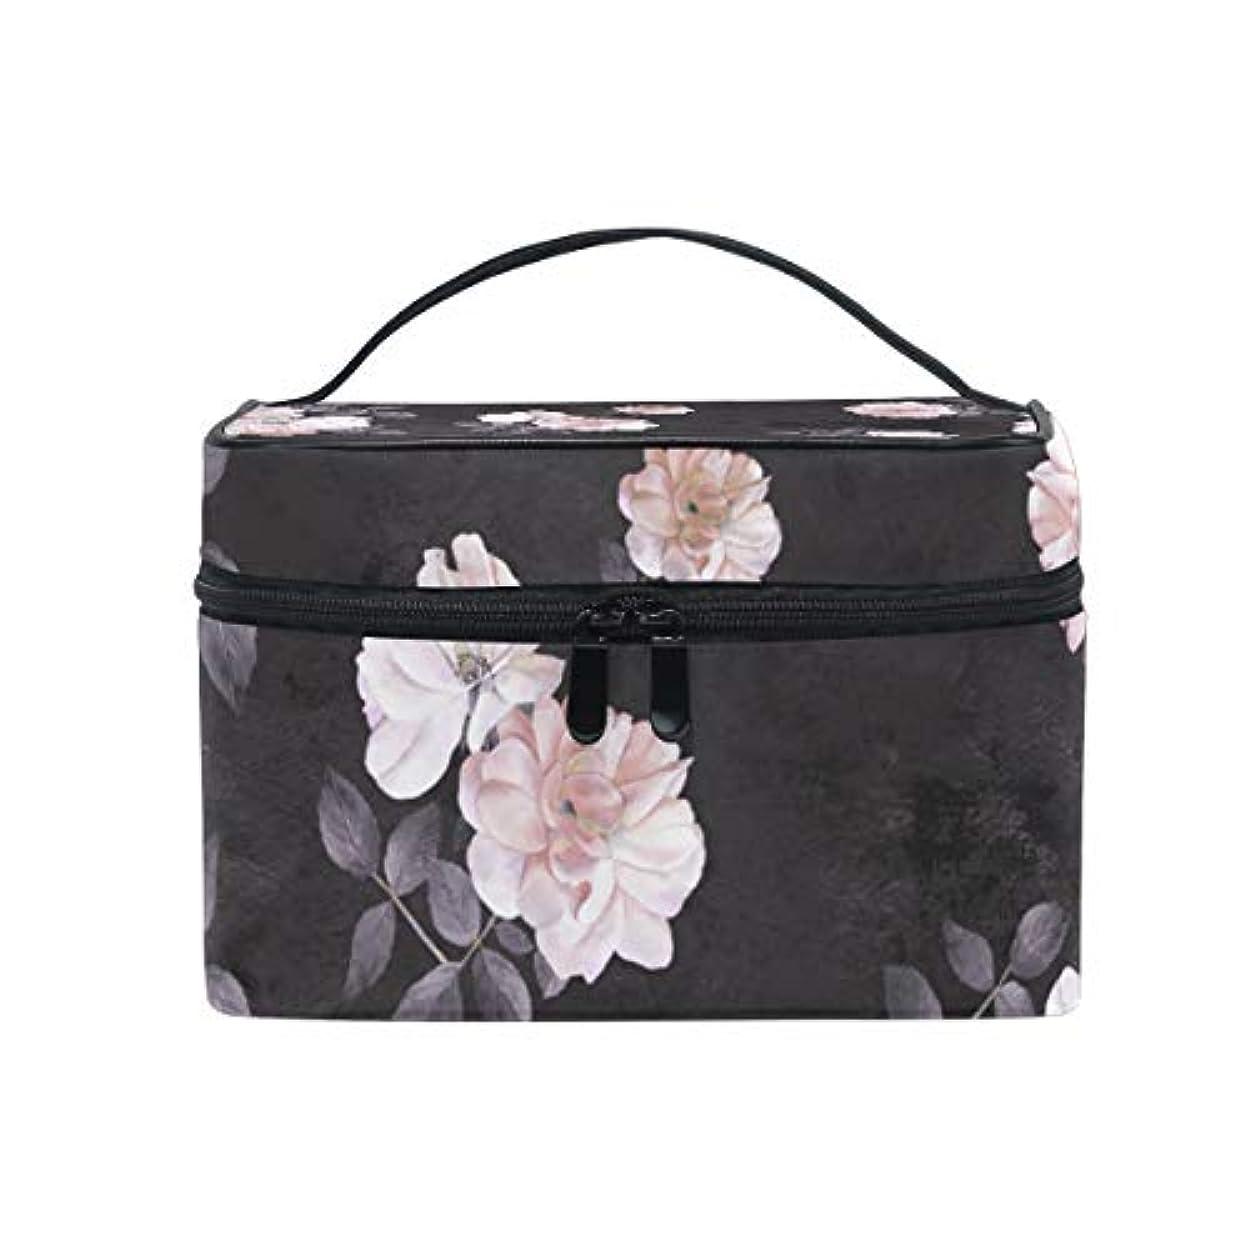 もっと繁栄学者バララ (La Rose) 化粧箱 コスメポーチ 大容量 おしゃれ 機能的 かわいい 花柄 牡丹 和柄 化粧ポーチ メイクポーチ 軽量 小物入れ 収納バッグ 女性 雑貨 プレゼント